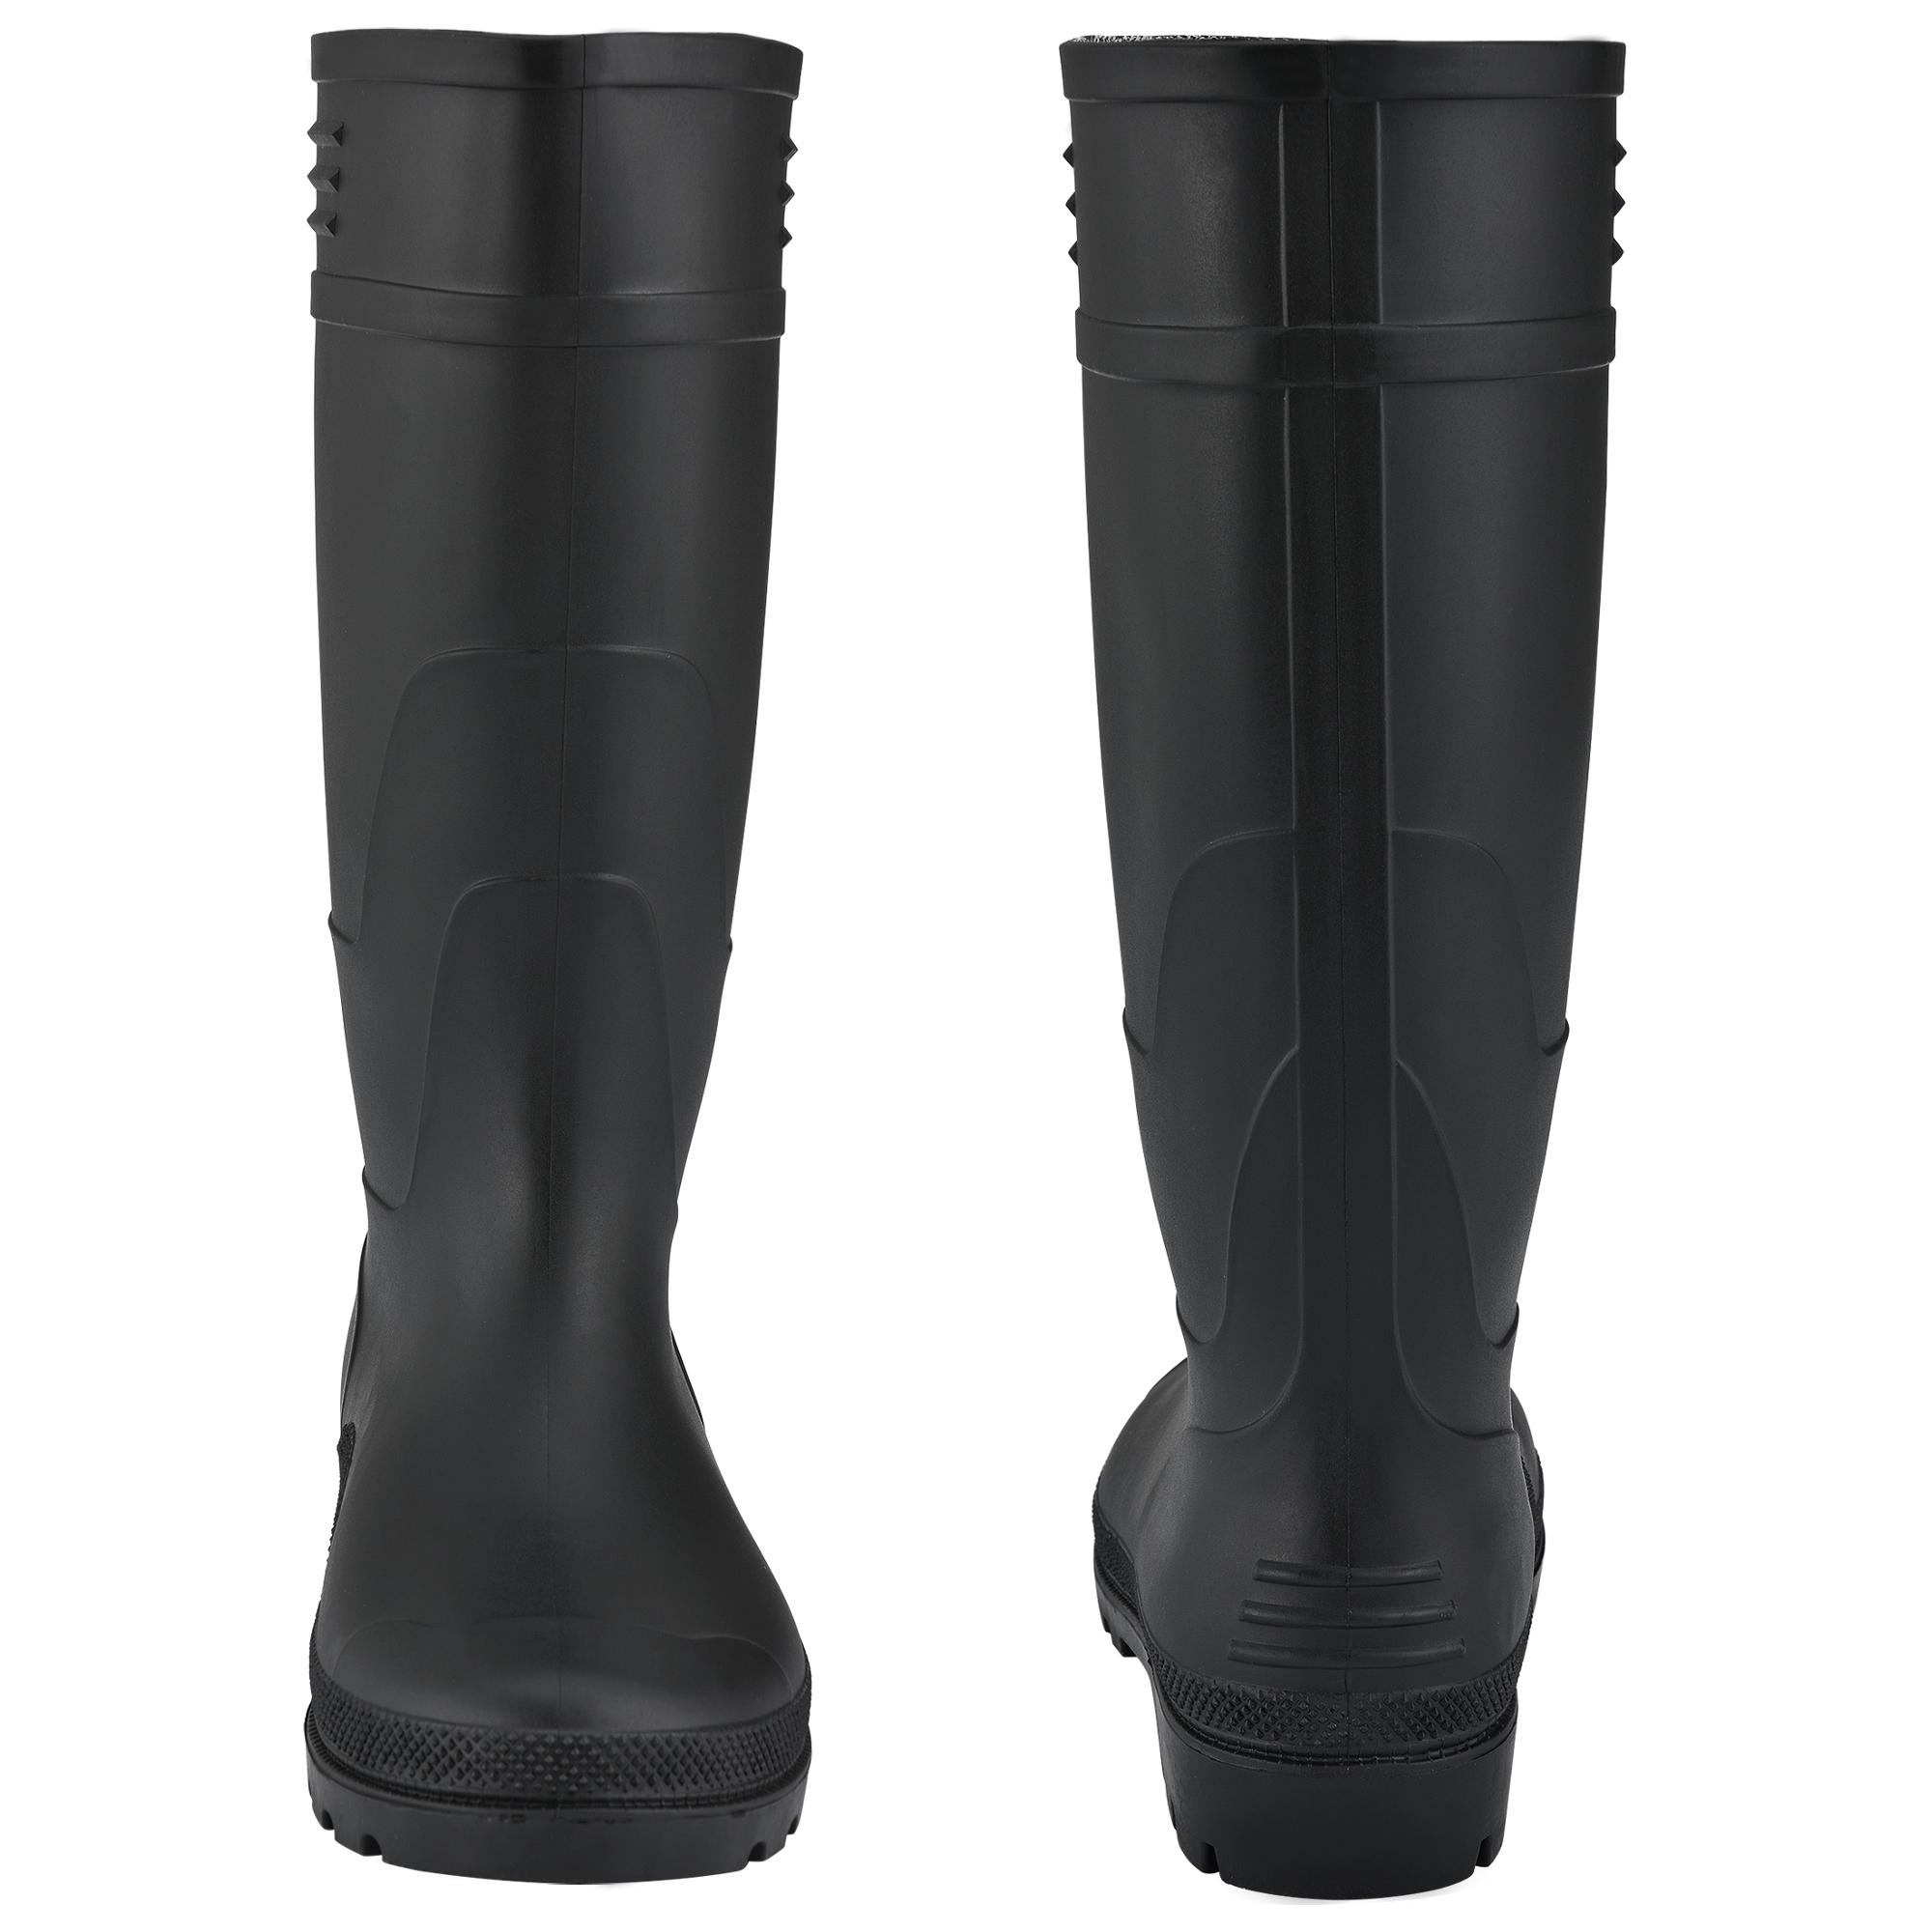 PRO Tec ® Bottes En Caoutchouc Bottes Angler Pluie Bottes PVC noir Taille 40